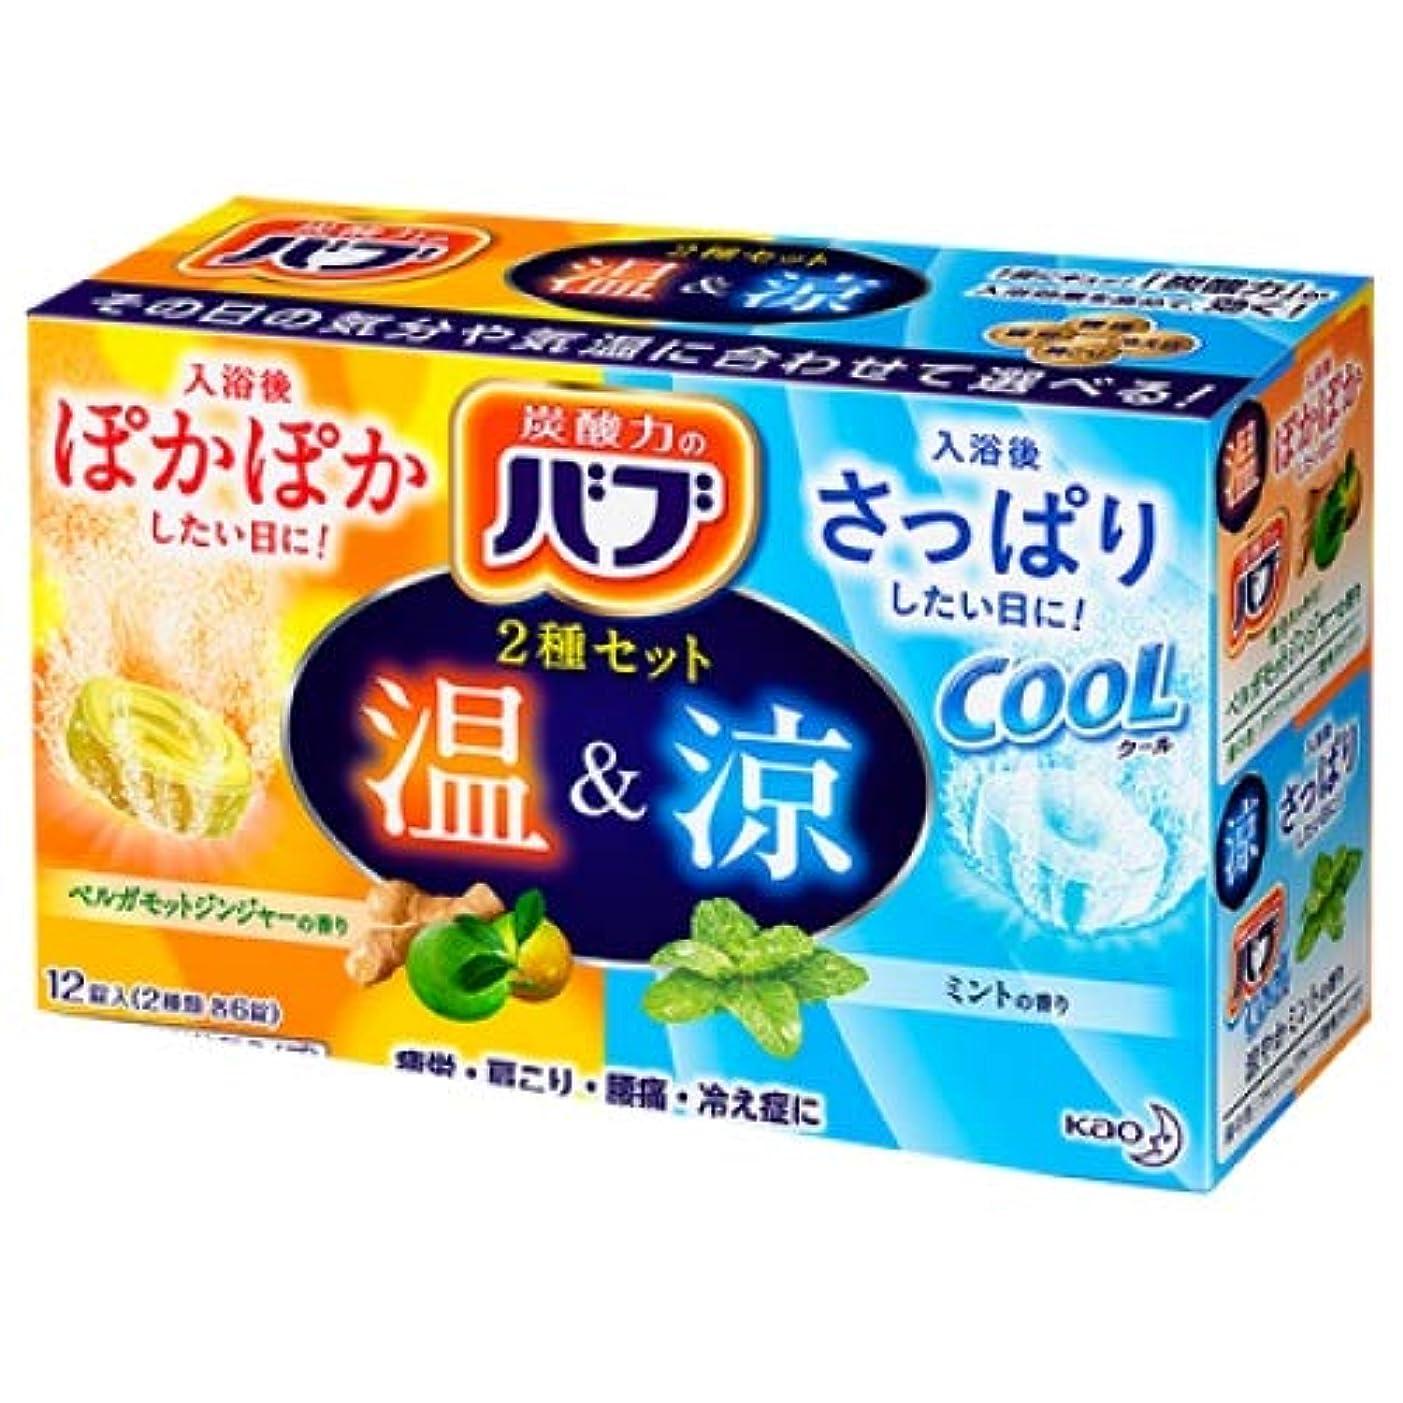 大きさまろやかな染料バブ 2種選べる 温&涼セット 40g×12錠 [医薬部外品]